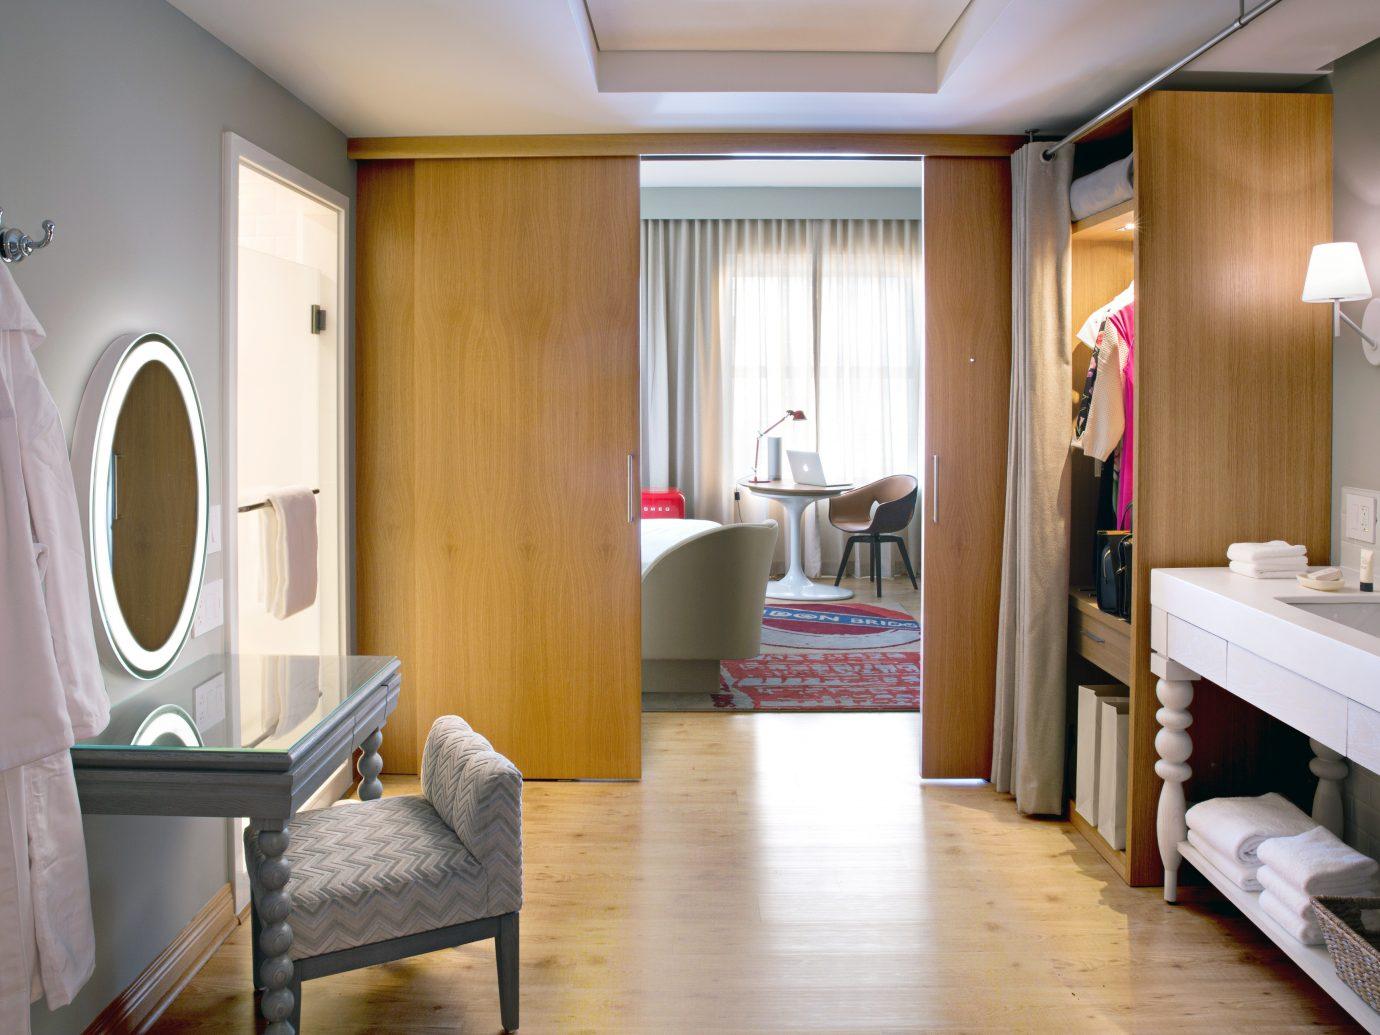 Bath Bedroom Hip Hotels Living Modern indoor floor wall room property home interior design estate Suite real estate living room cottage apartment furniture wood